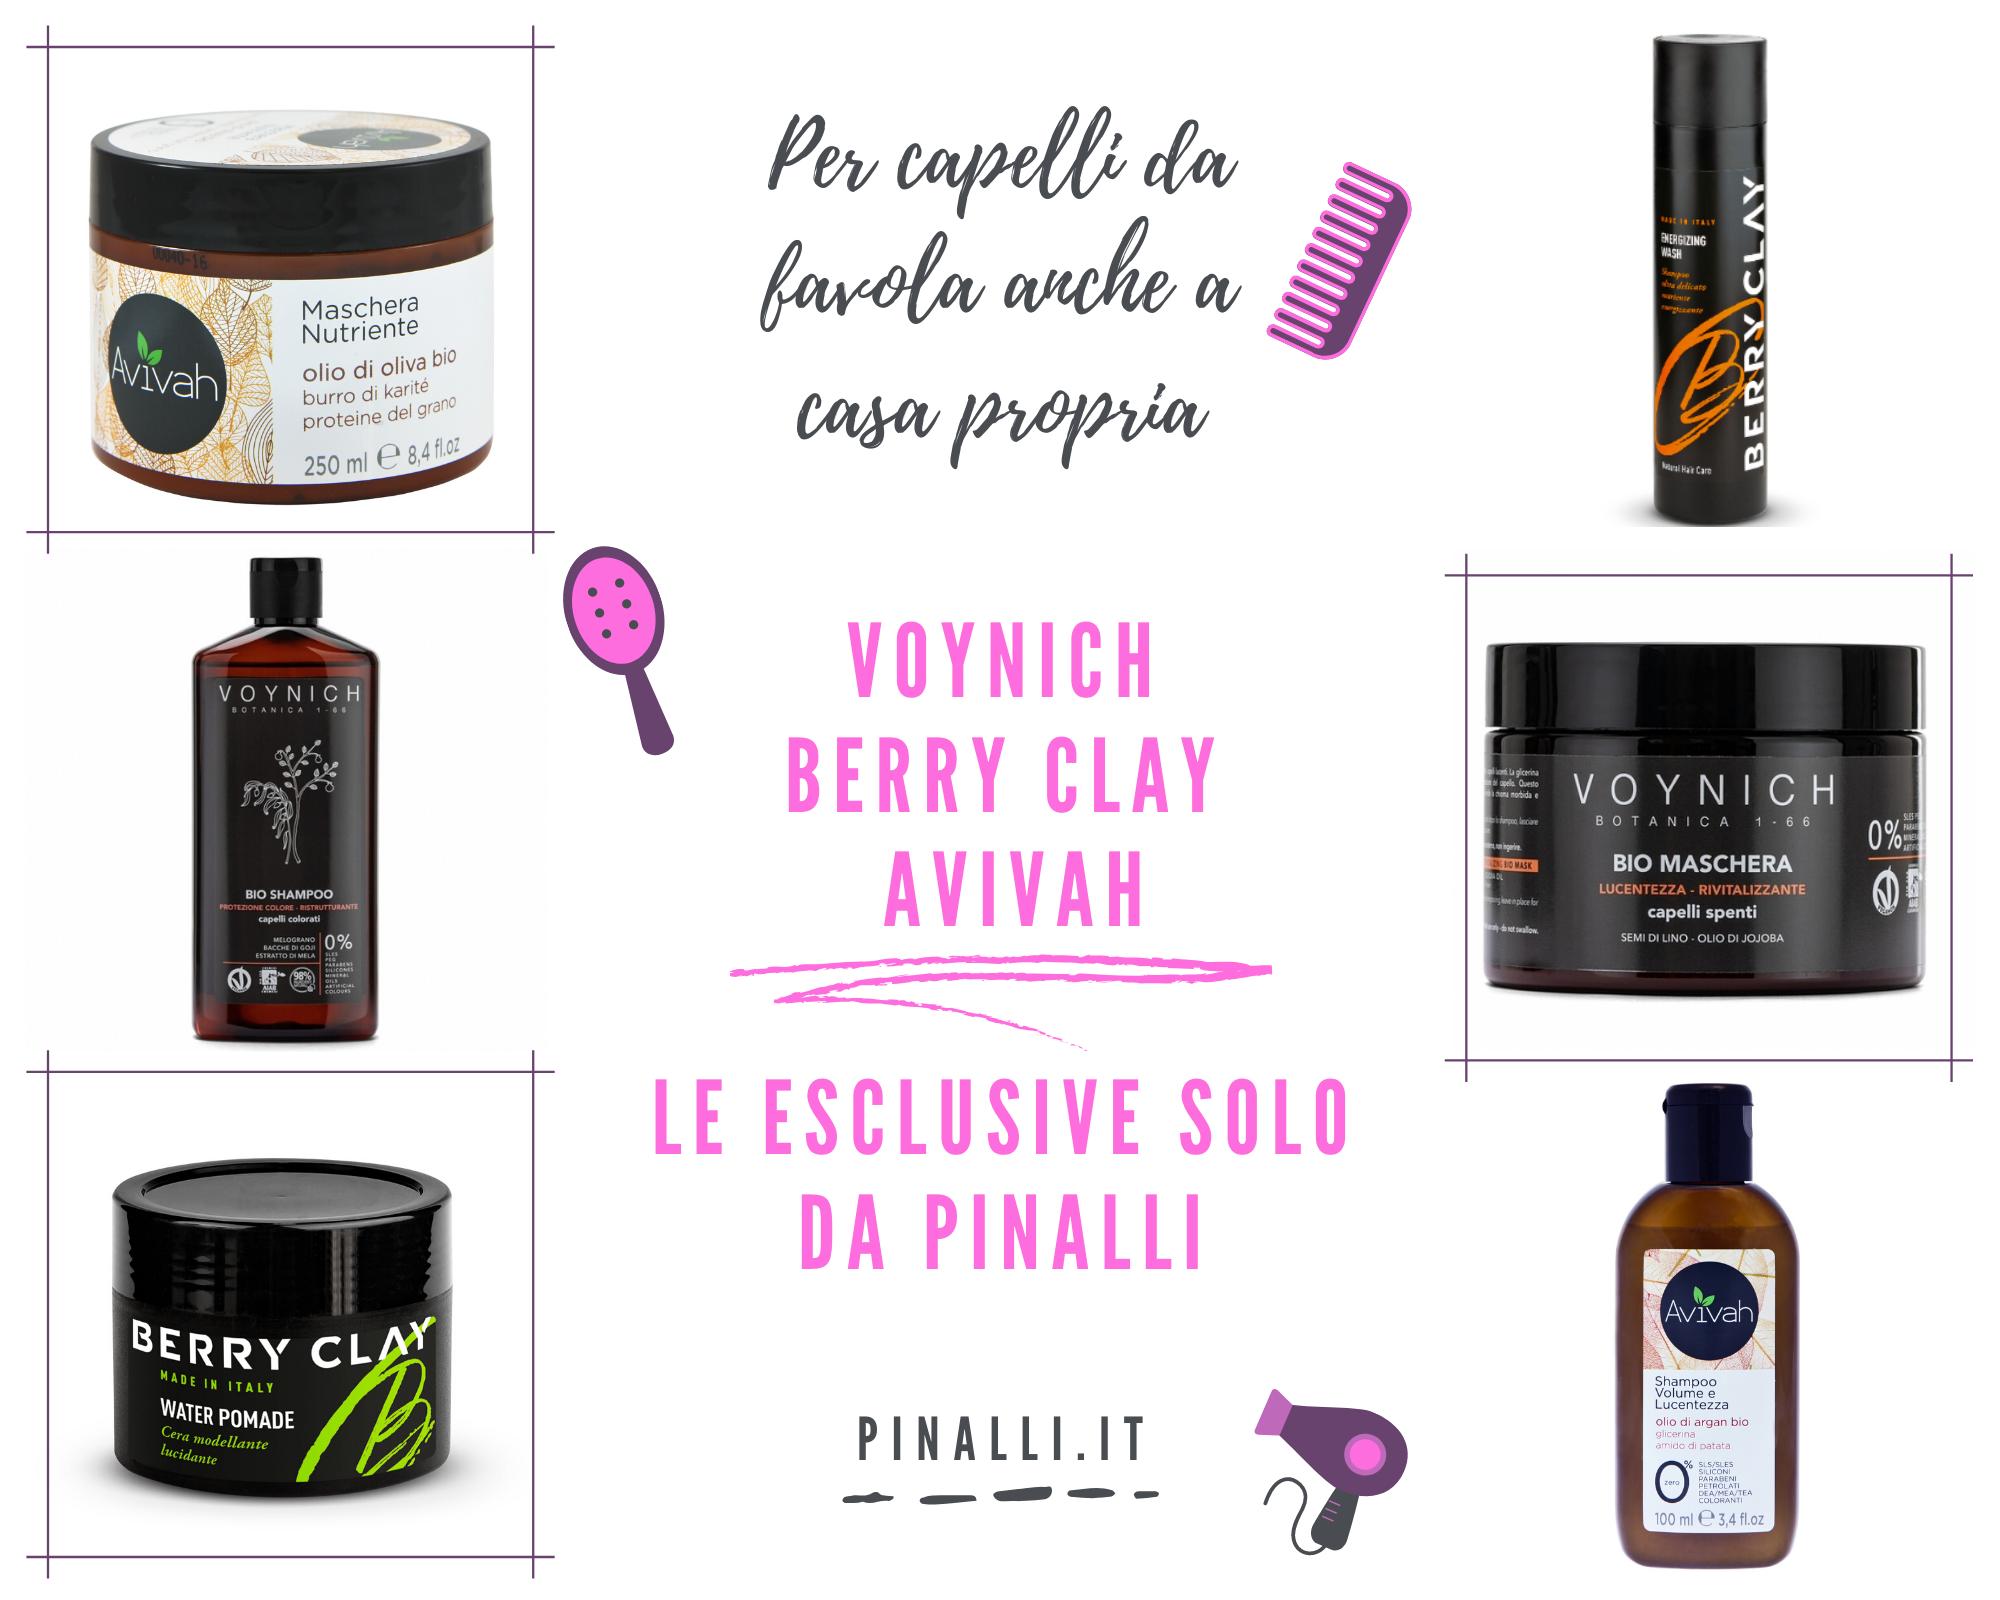 Pinalli_capelli